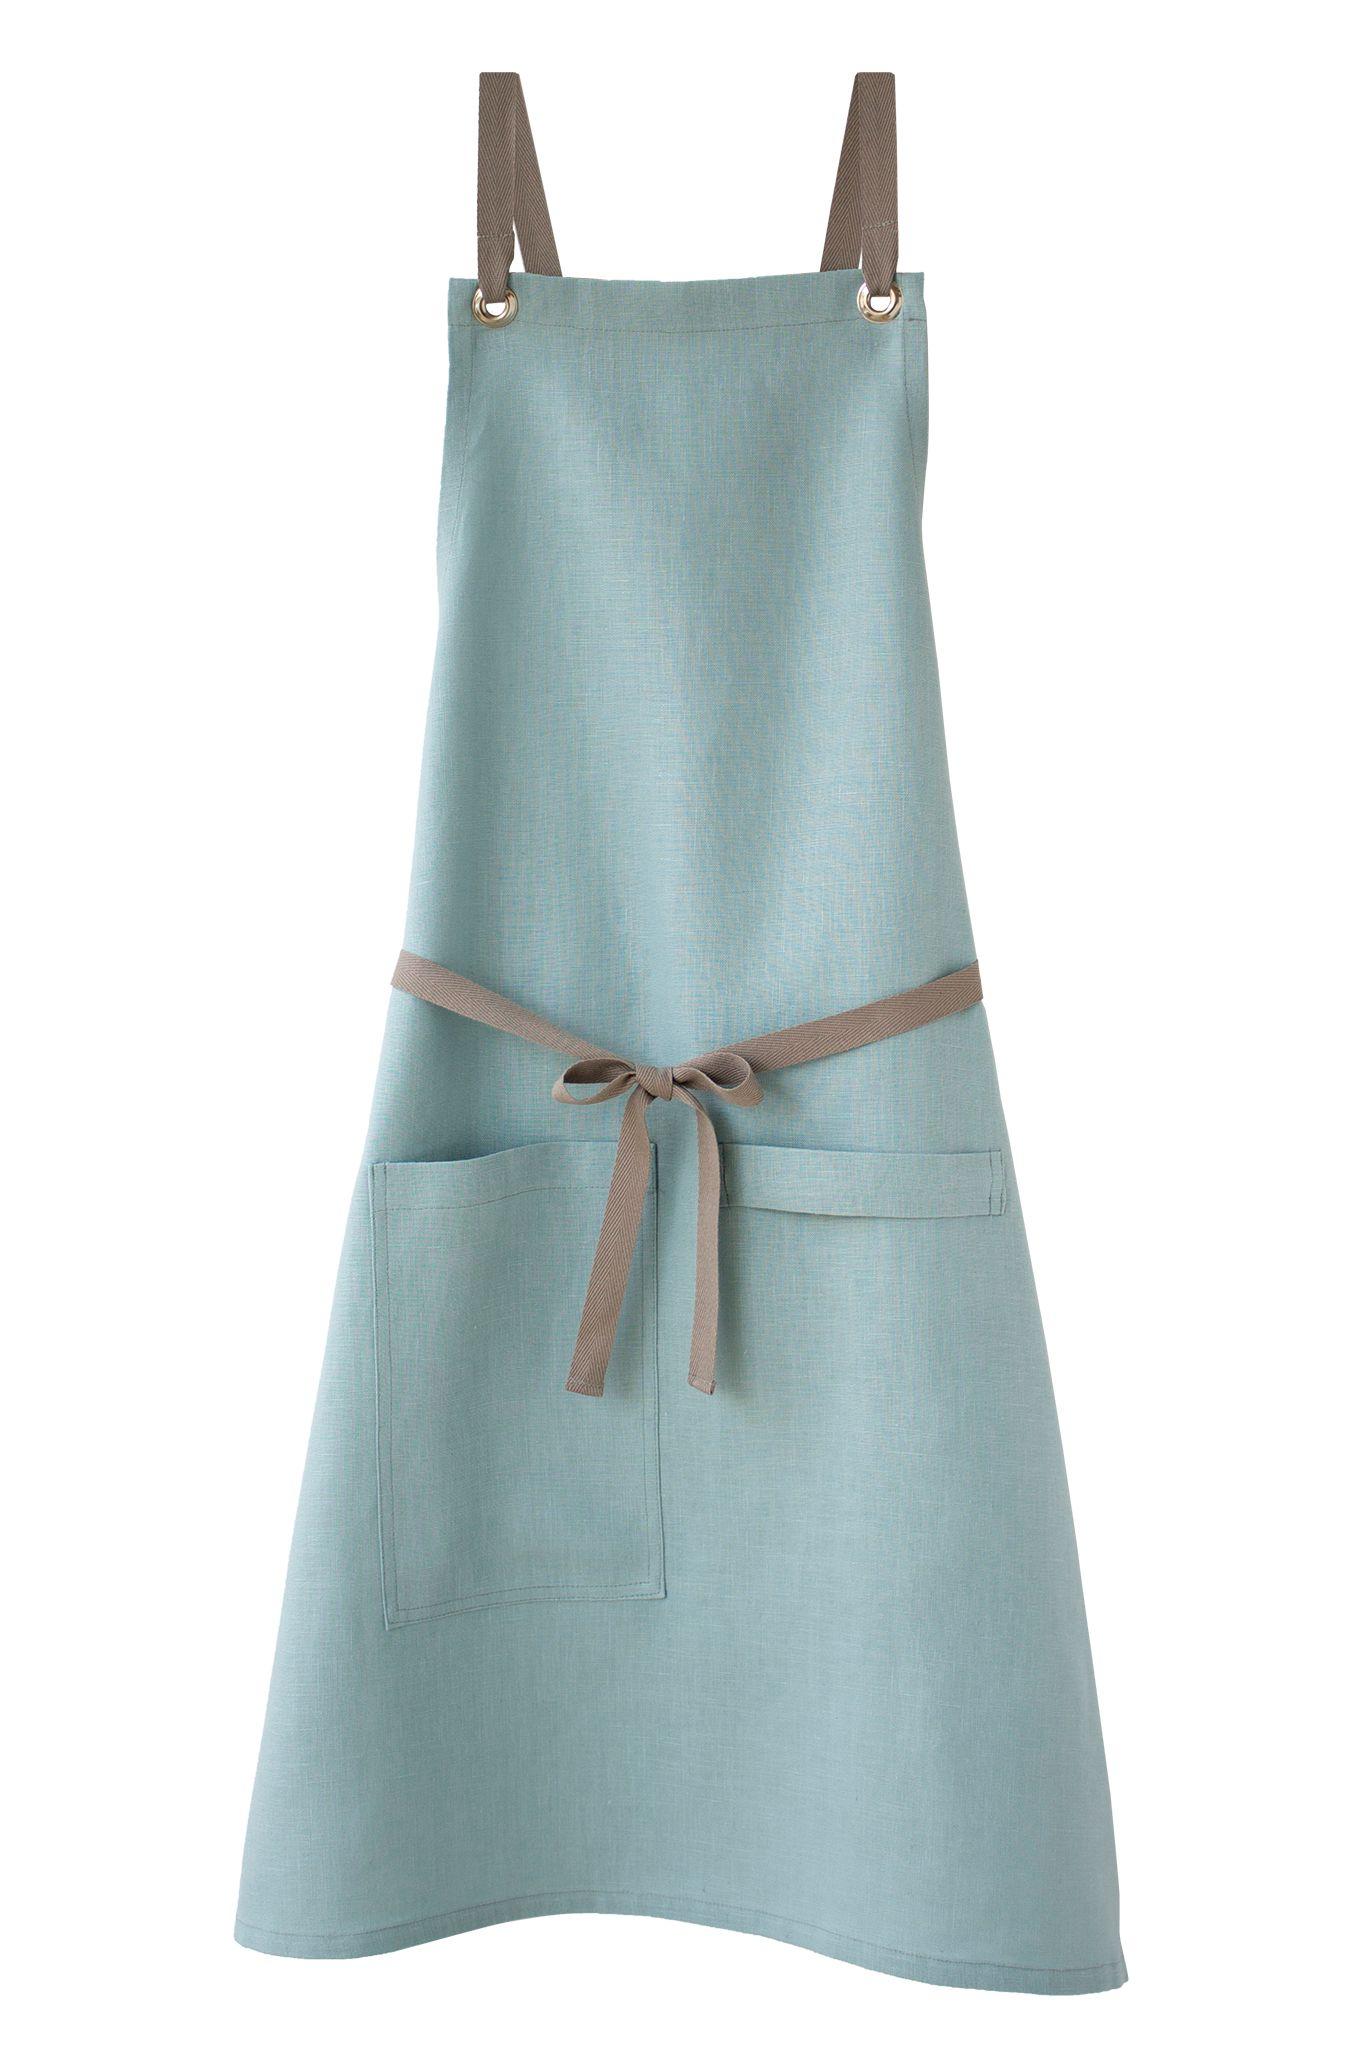 Ocean-blue cross-back kitchen apron in linen by Studiopatró